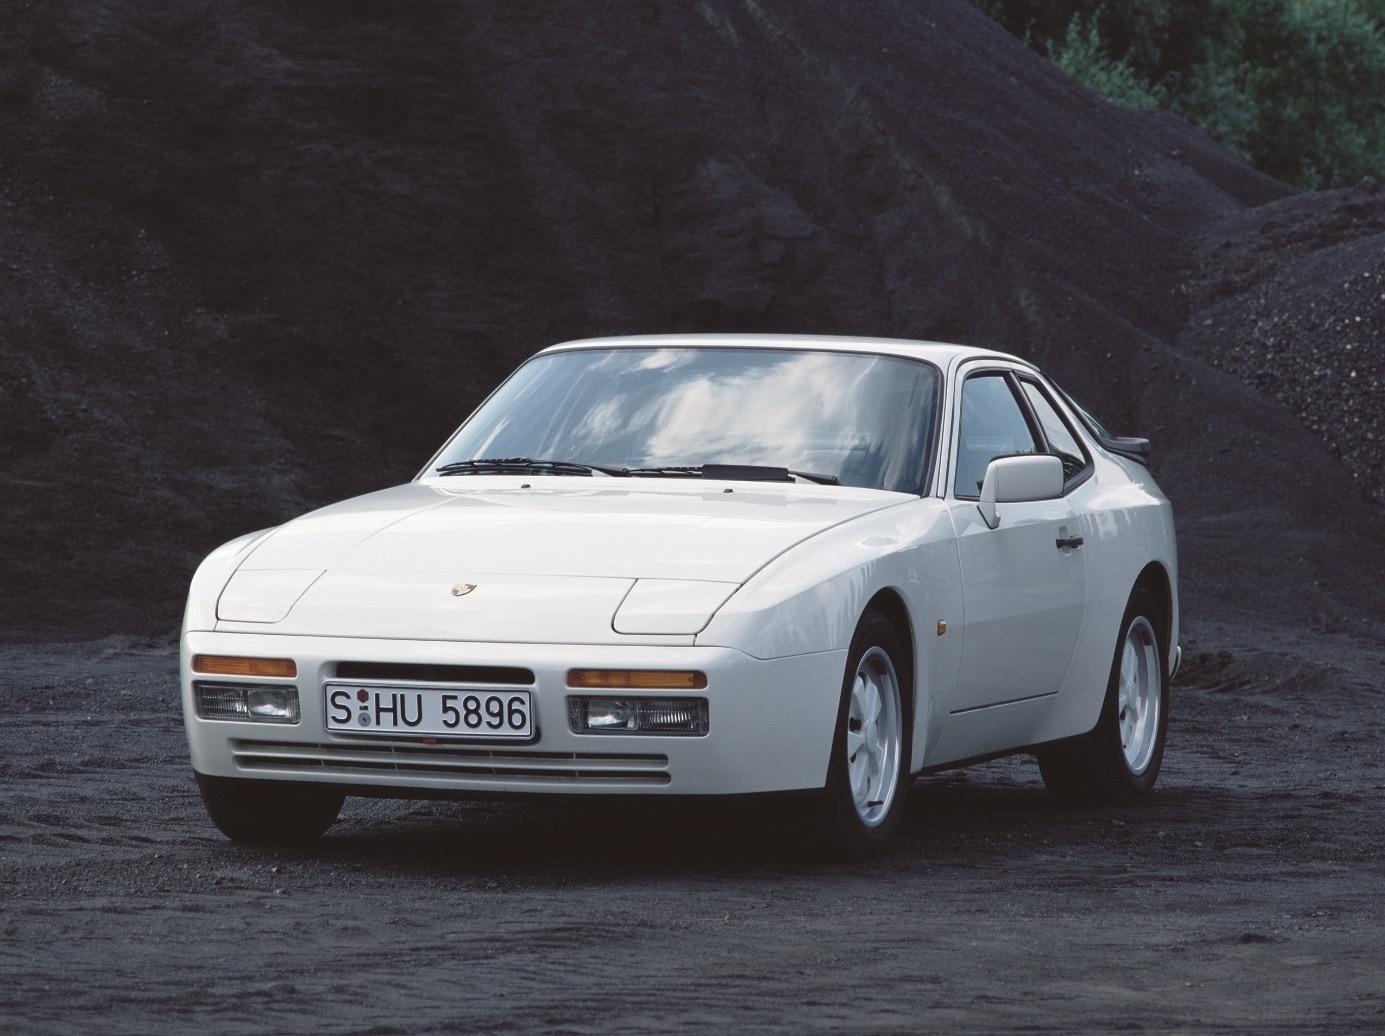 CAR VOITURE PORSCHE 944 1981 FICHE AUTO RENSEIGNEMENT TECHNIQUE  VOITURE